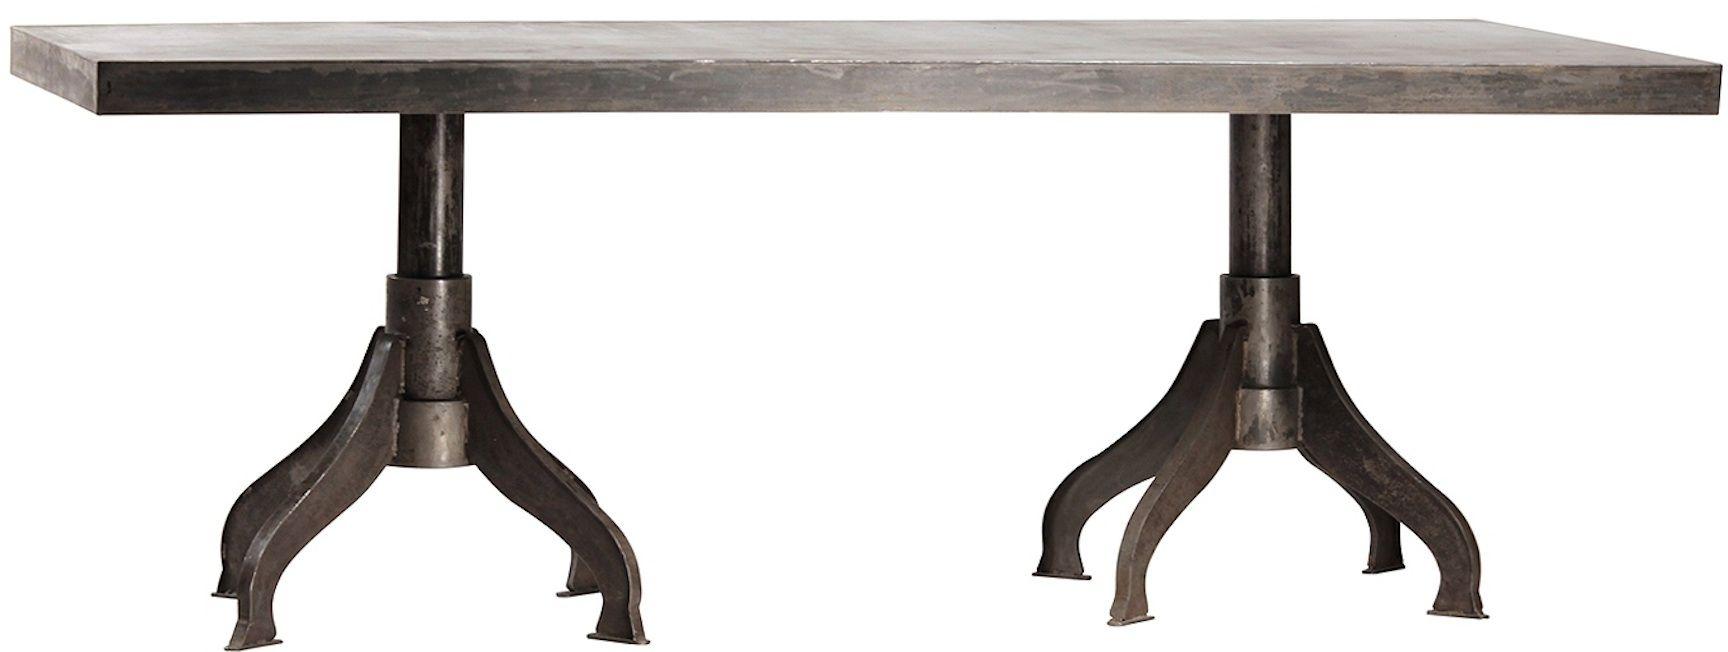 Custom Industrial Metal Furniture Designs Handmade In Los Angeles  We Build Dining  Room Tables,